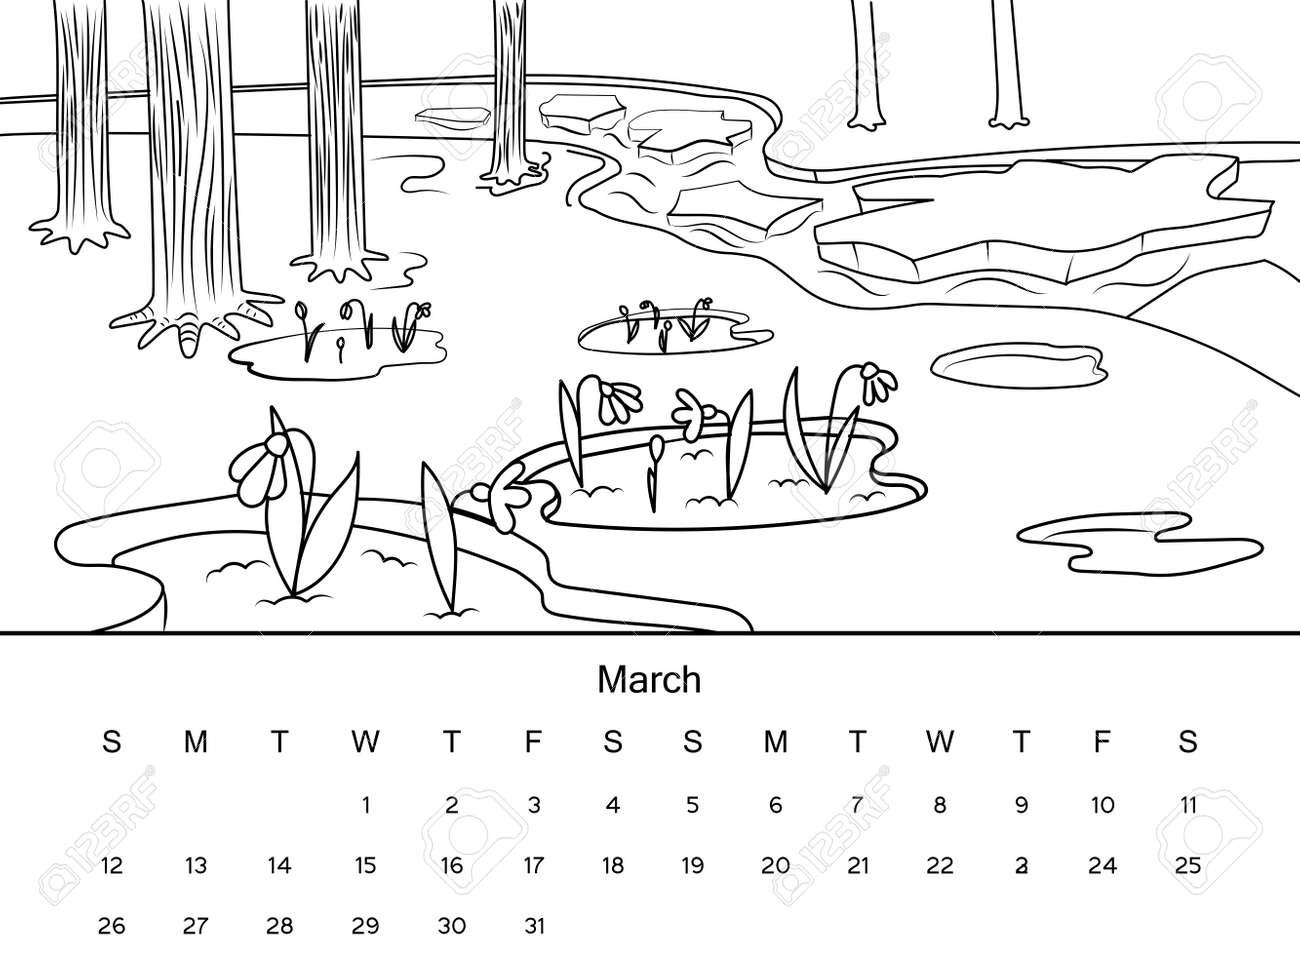 Calendario De Marzo De Imagen De Libro Para Colorear Con Dibujo En Blanco Y Negro Ilustración Vectorial De Dibujado A Mano De Dibujos Animados